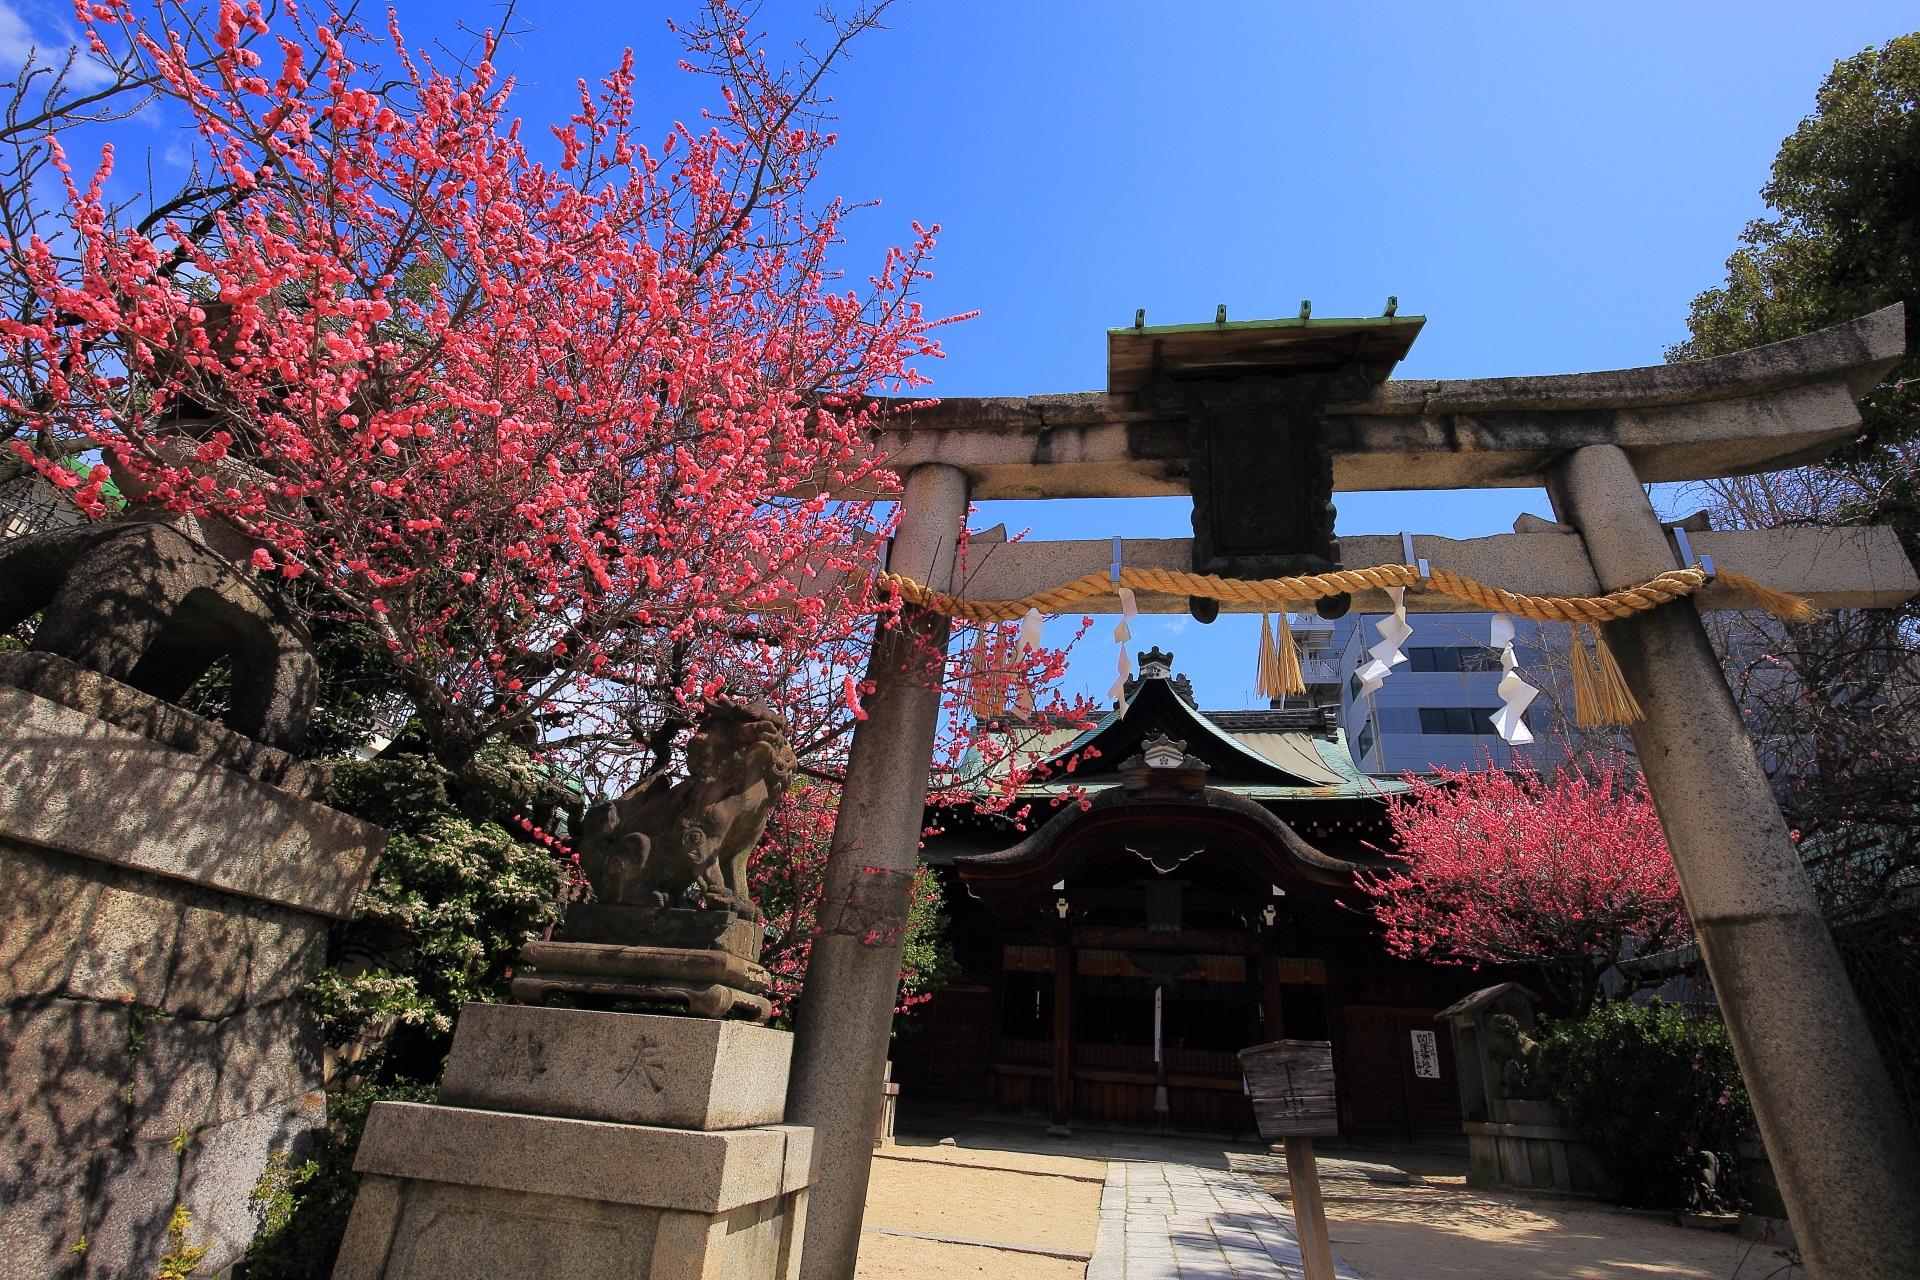 菅大臣神社の素晴らしい梅の花と春先の情景